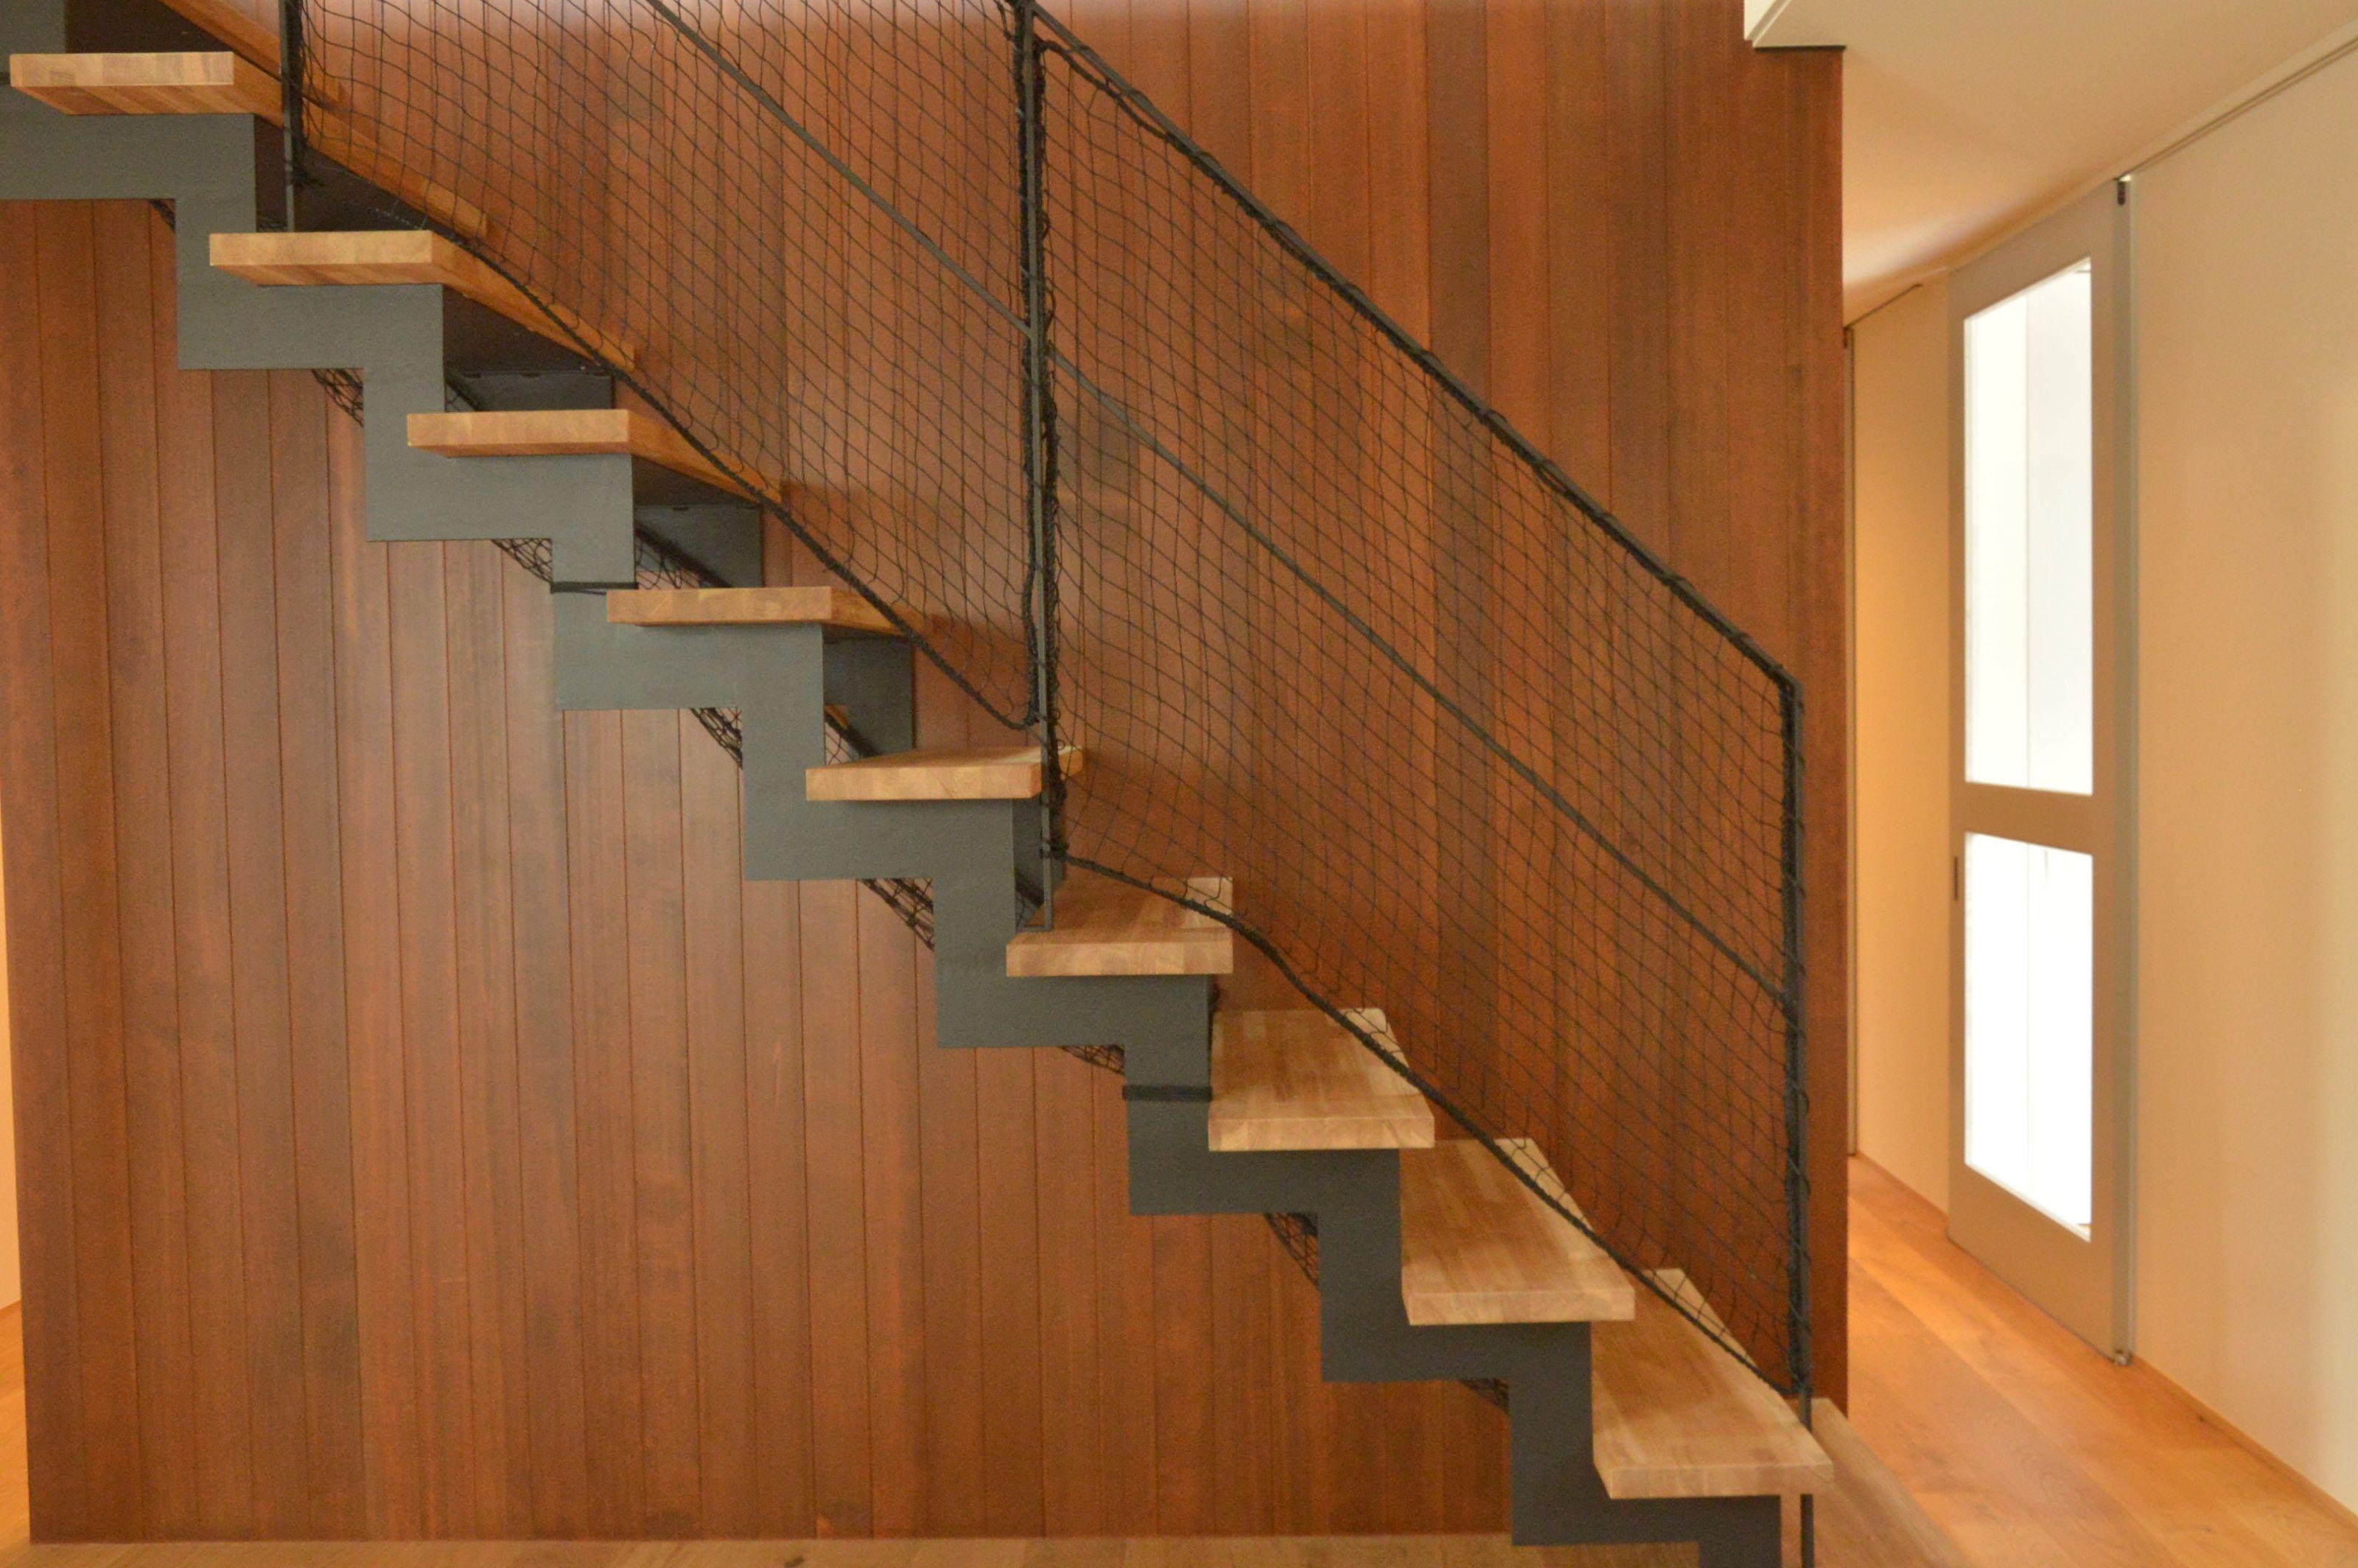 落下 防止 階段